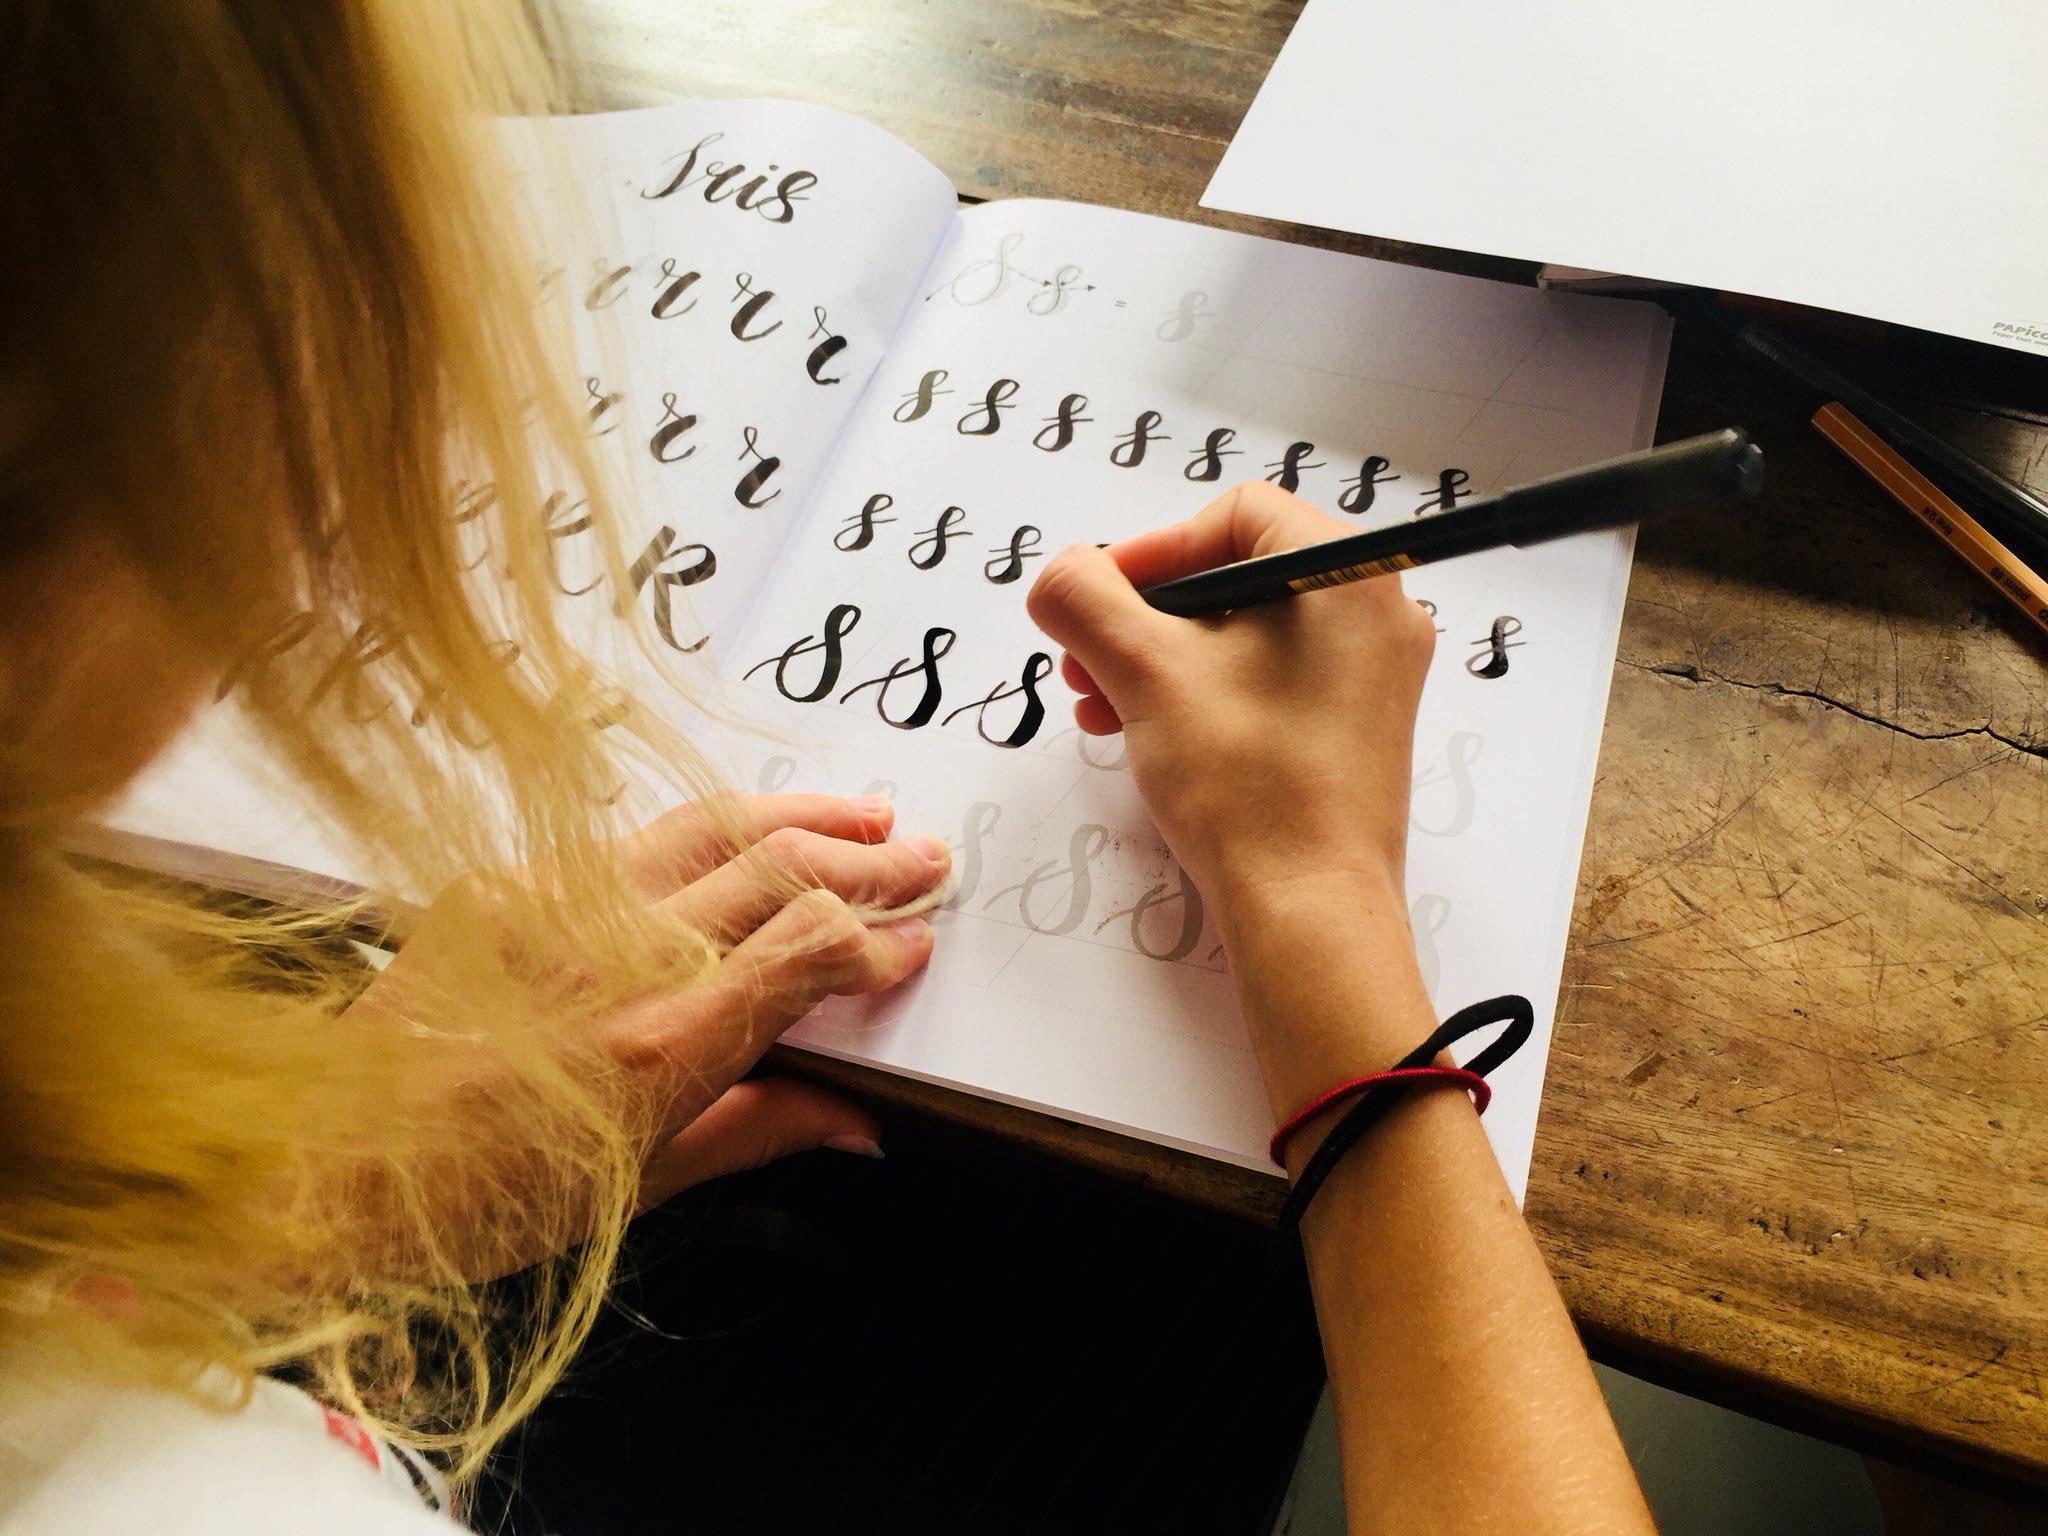 Toffe workshop verjaardag dochter 12 jaar #brushlettering #carlakamphuis https://t.co/eo39kPT5BJ